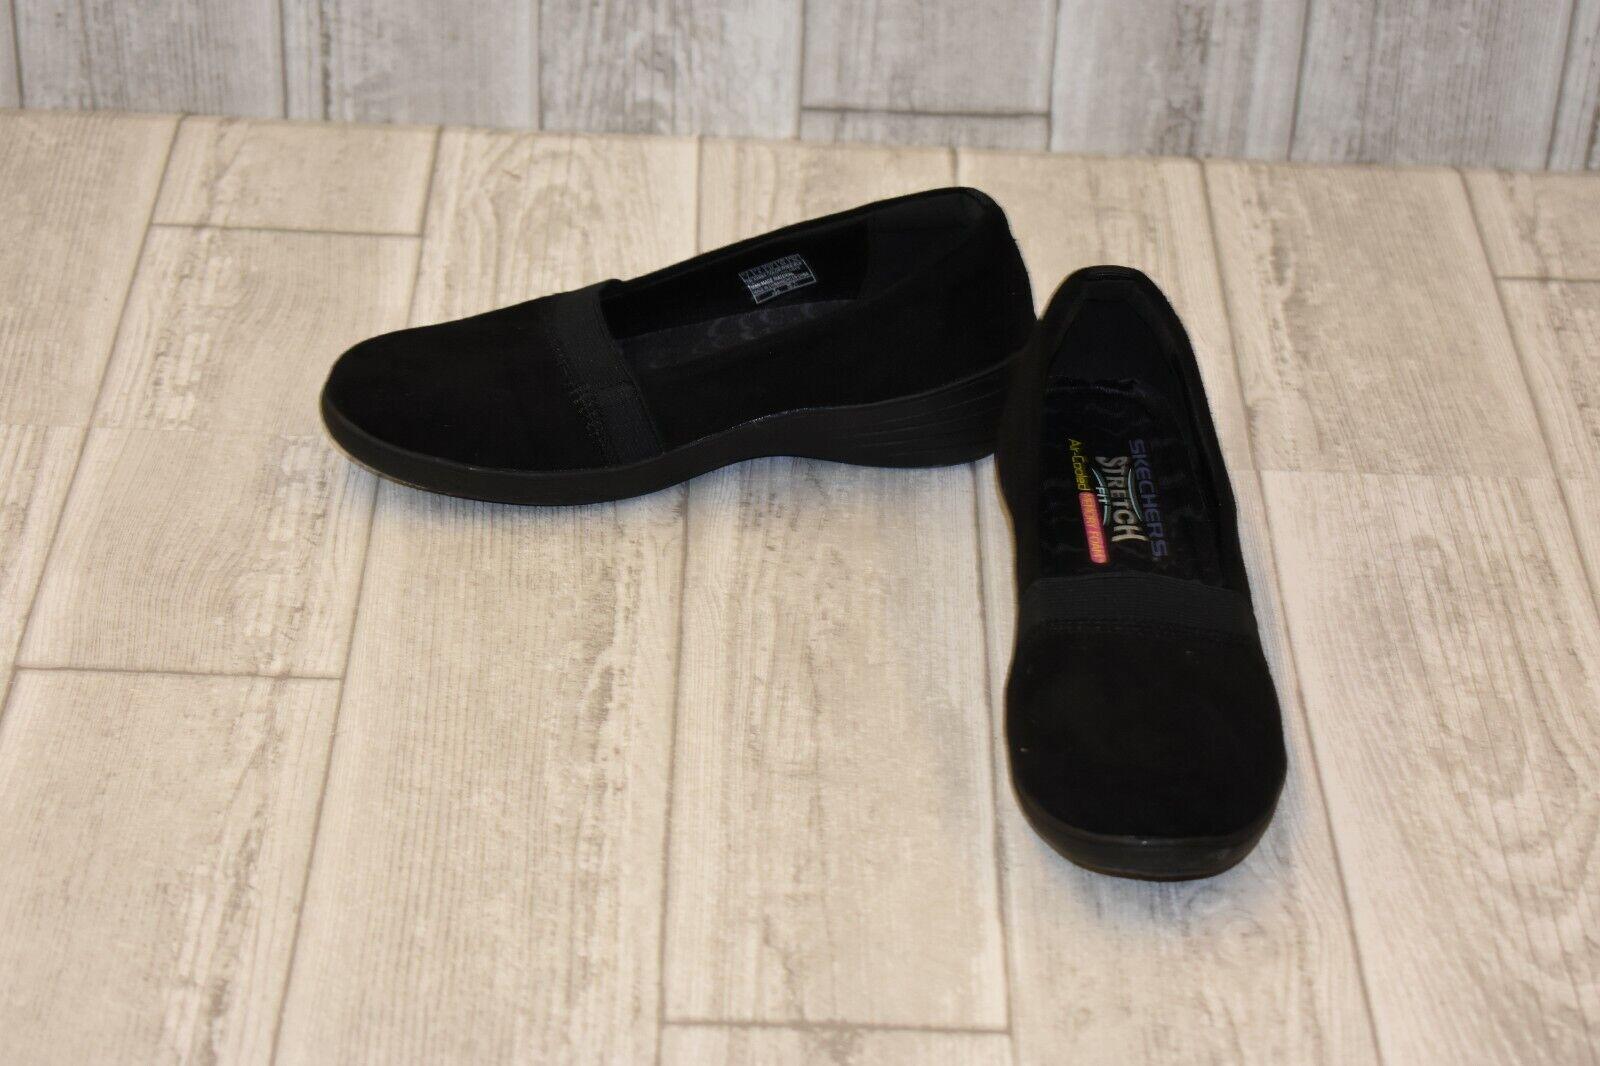 Skechers Kiss Royal Plush Flat - Women's Size 7, Black